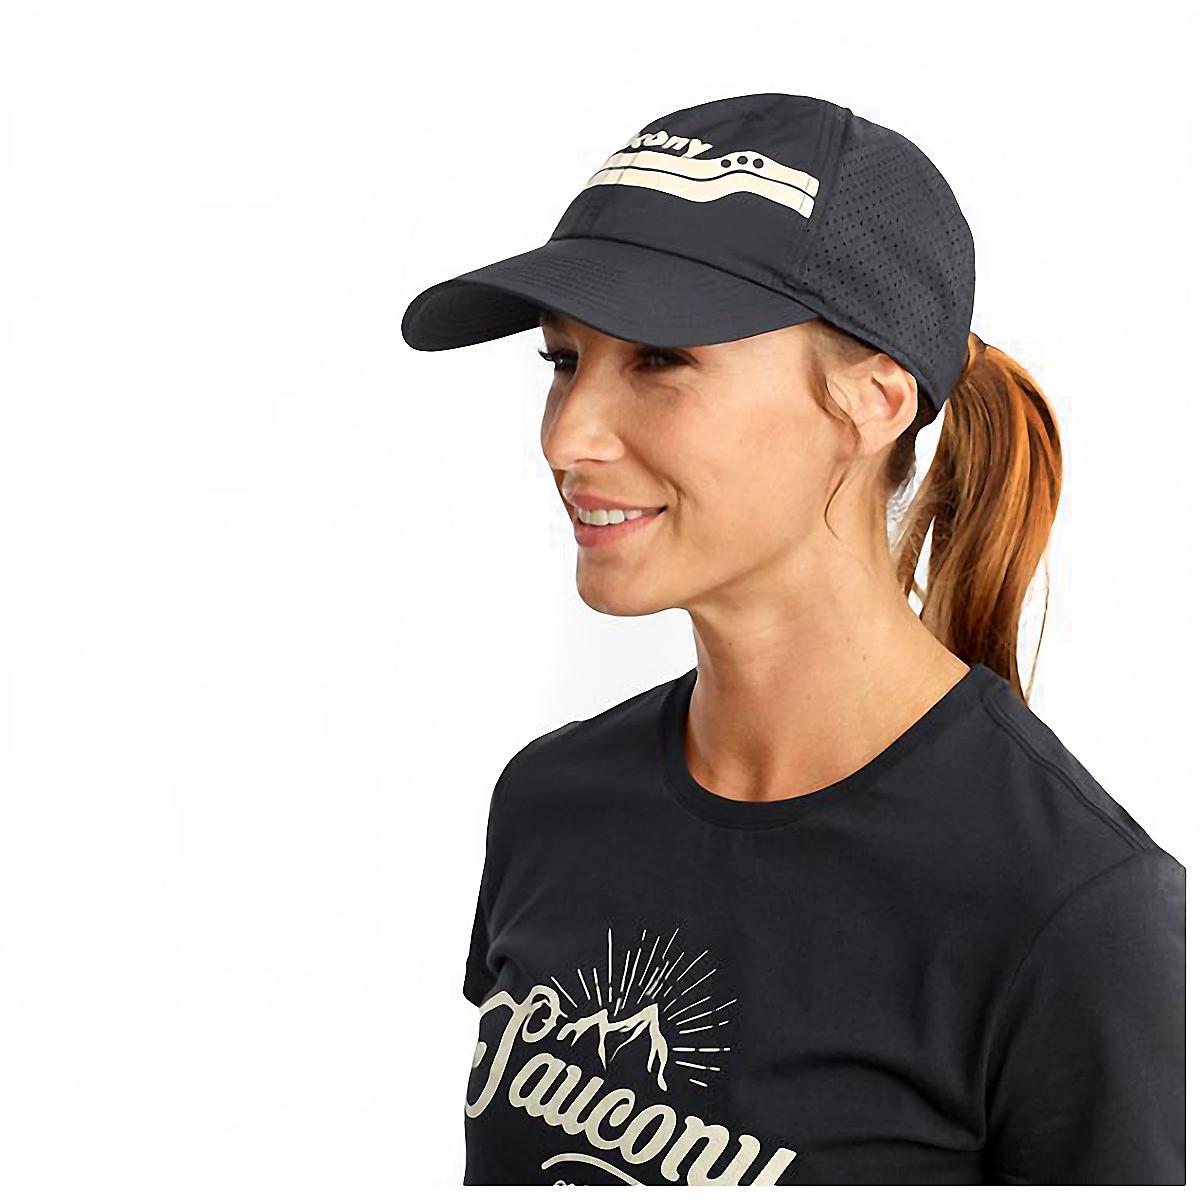 Saucony Doubleback Hat - Color: Black, Black, large, image 1